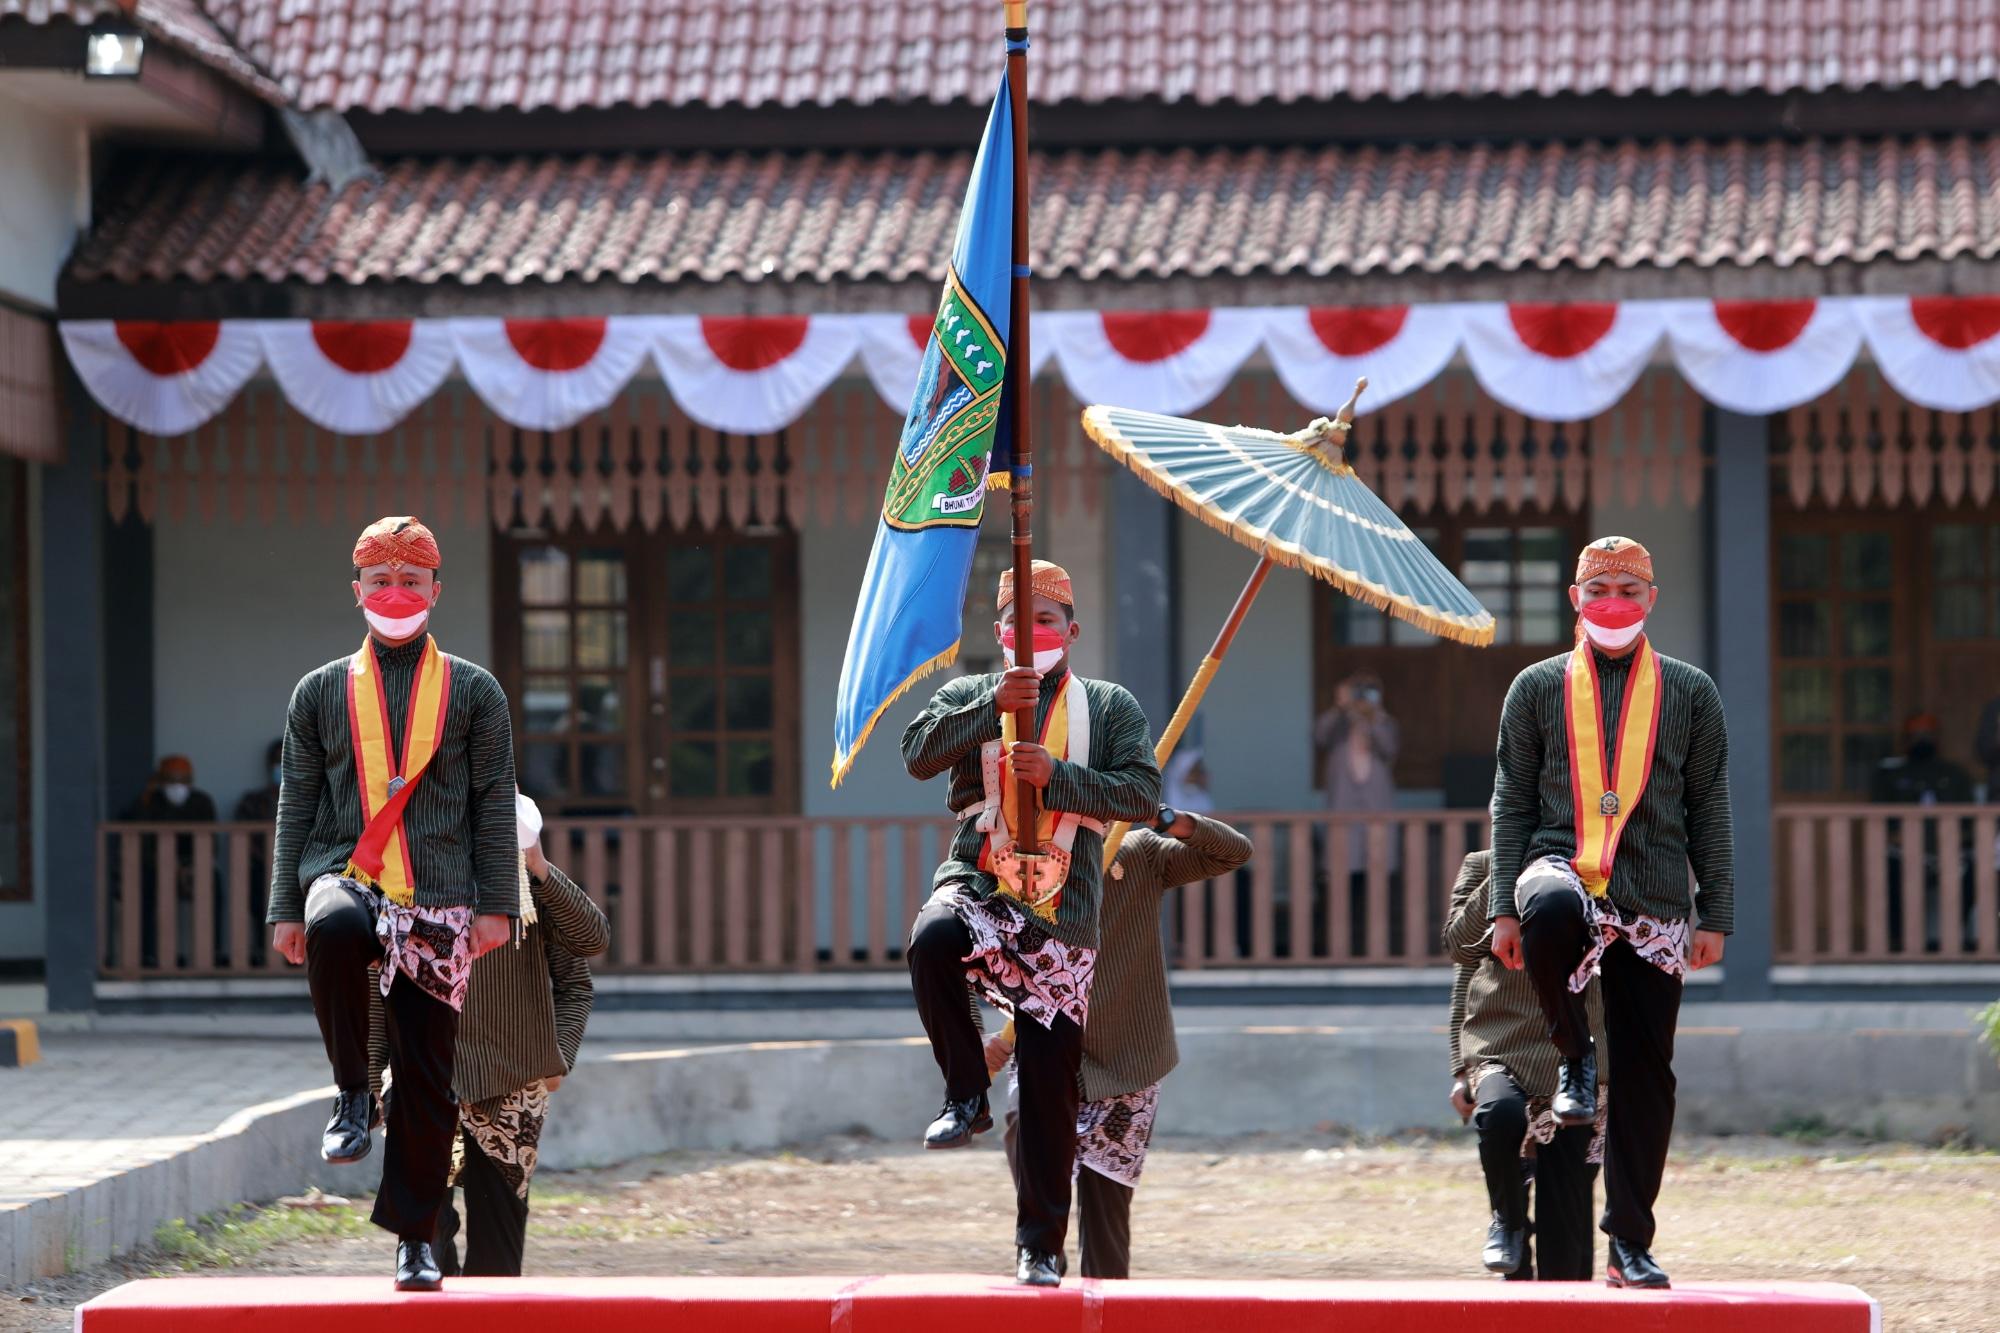 Usia Kabupaten Kebumen Lebih Tua 127 Tahun dari Jogja